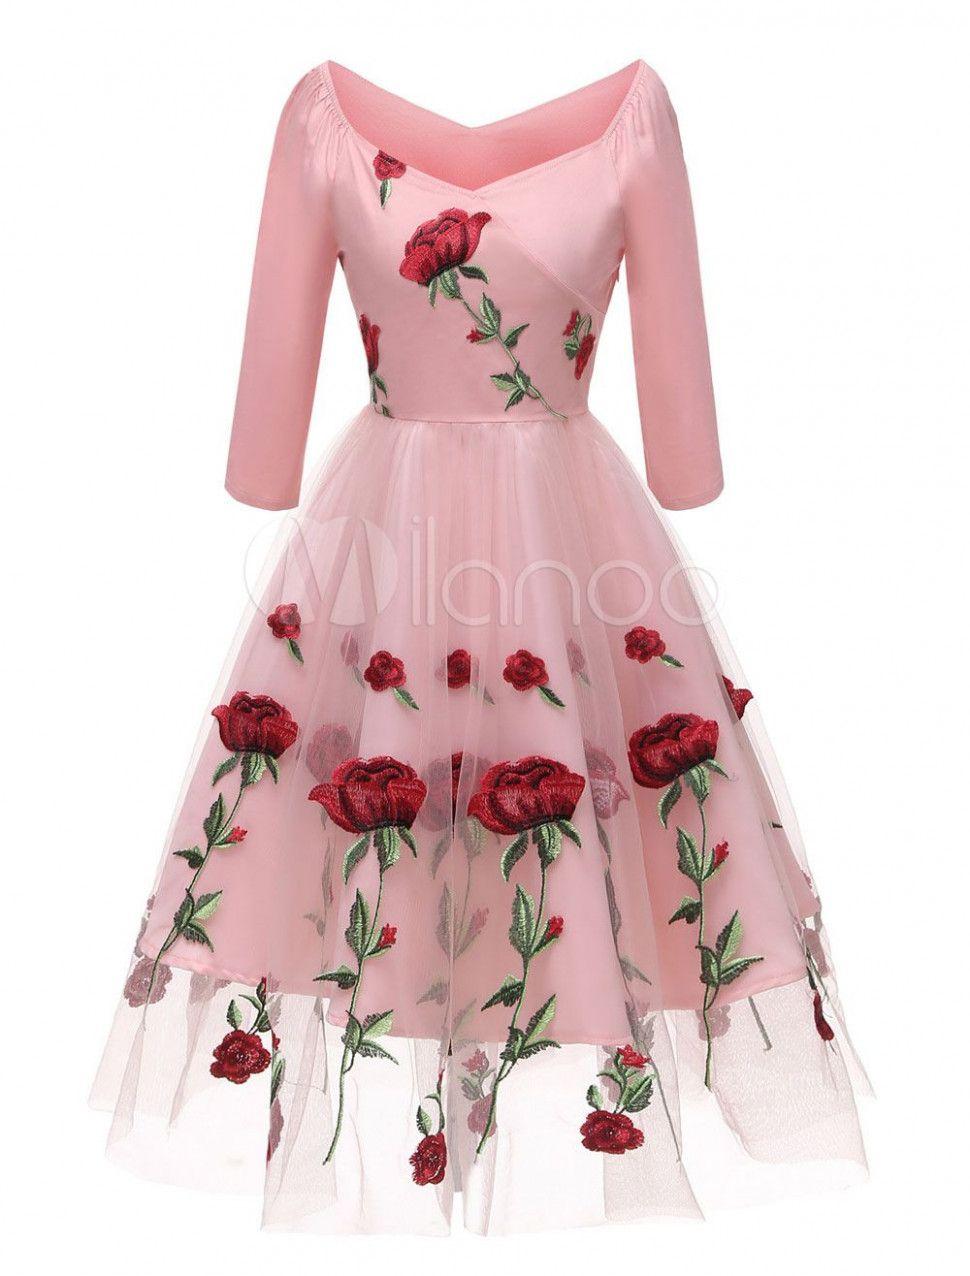 3 Wo Schöne Kleider Kaufen in 3  Schöne kleider, Abendkleid